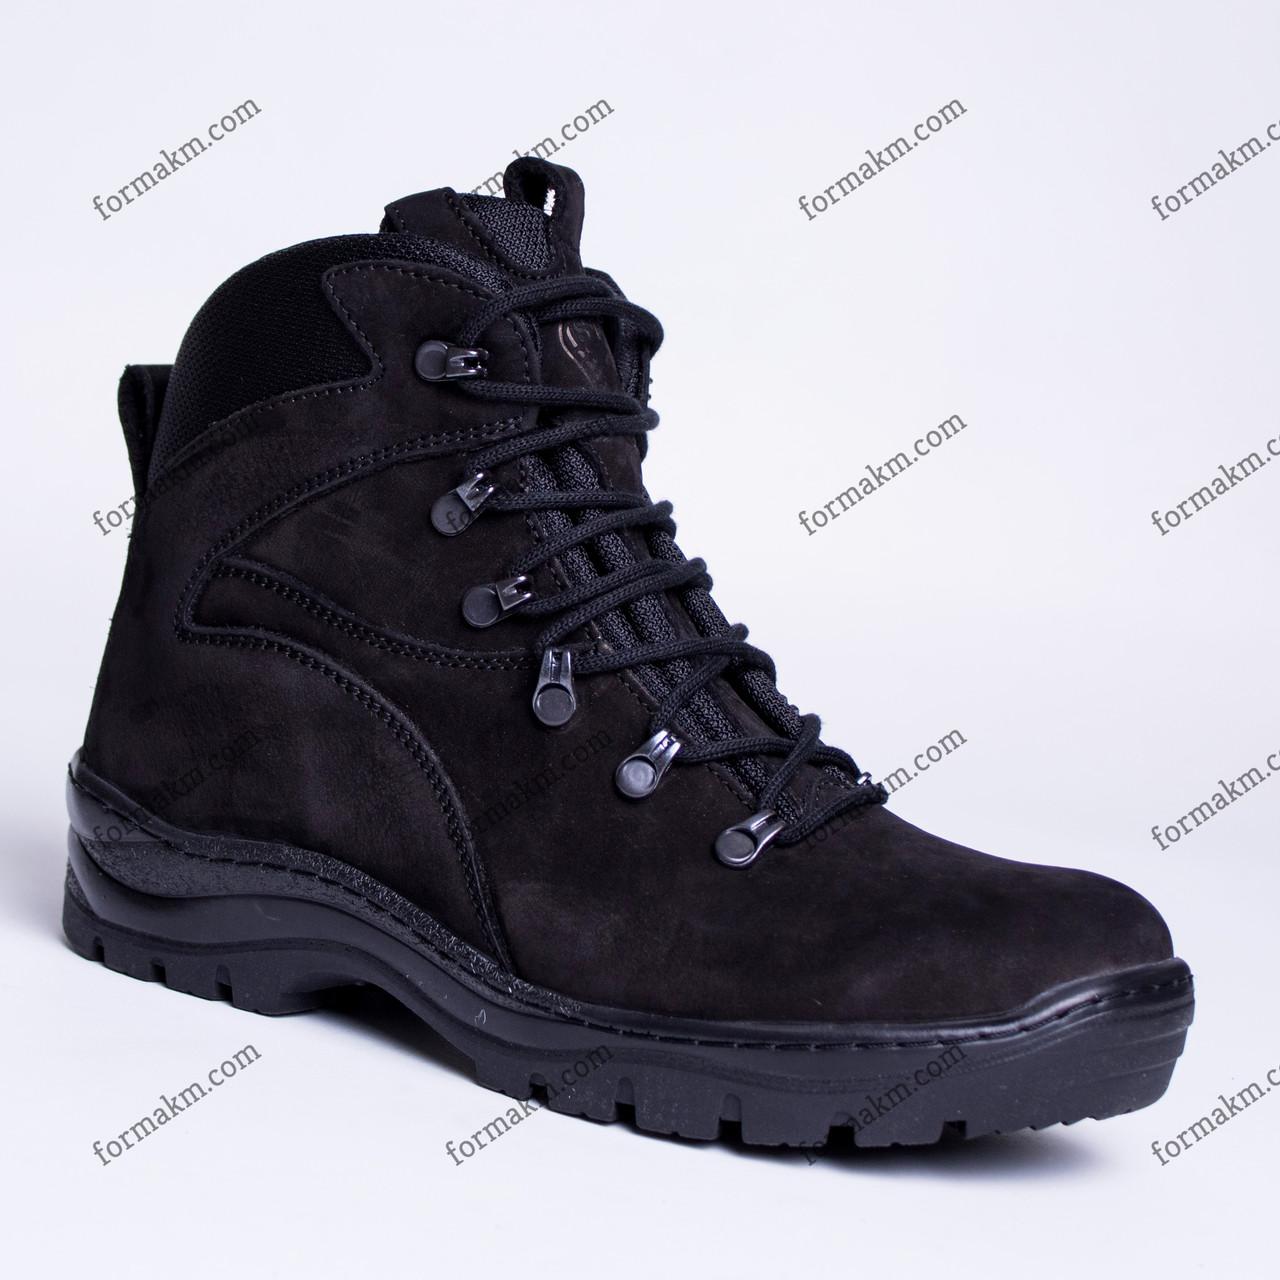 Ботинки Тактические Desert Black